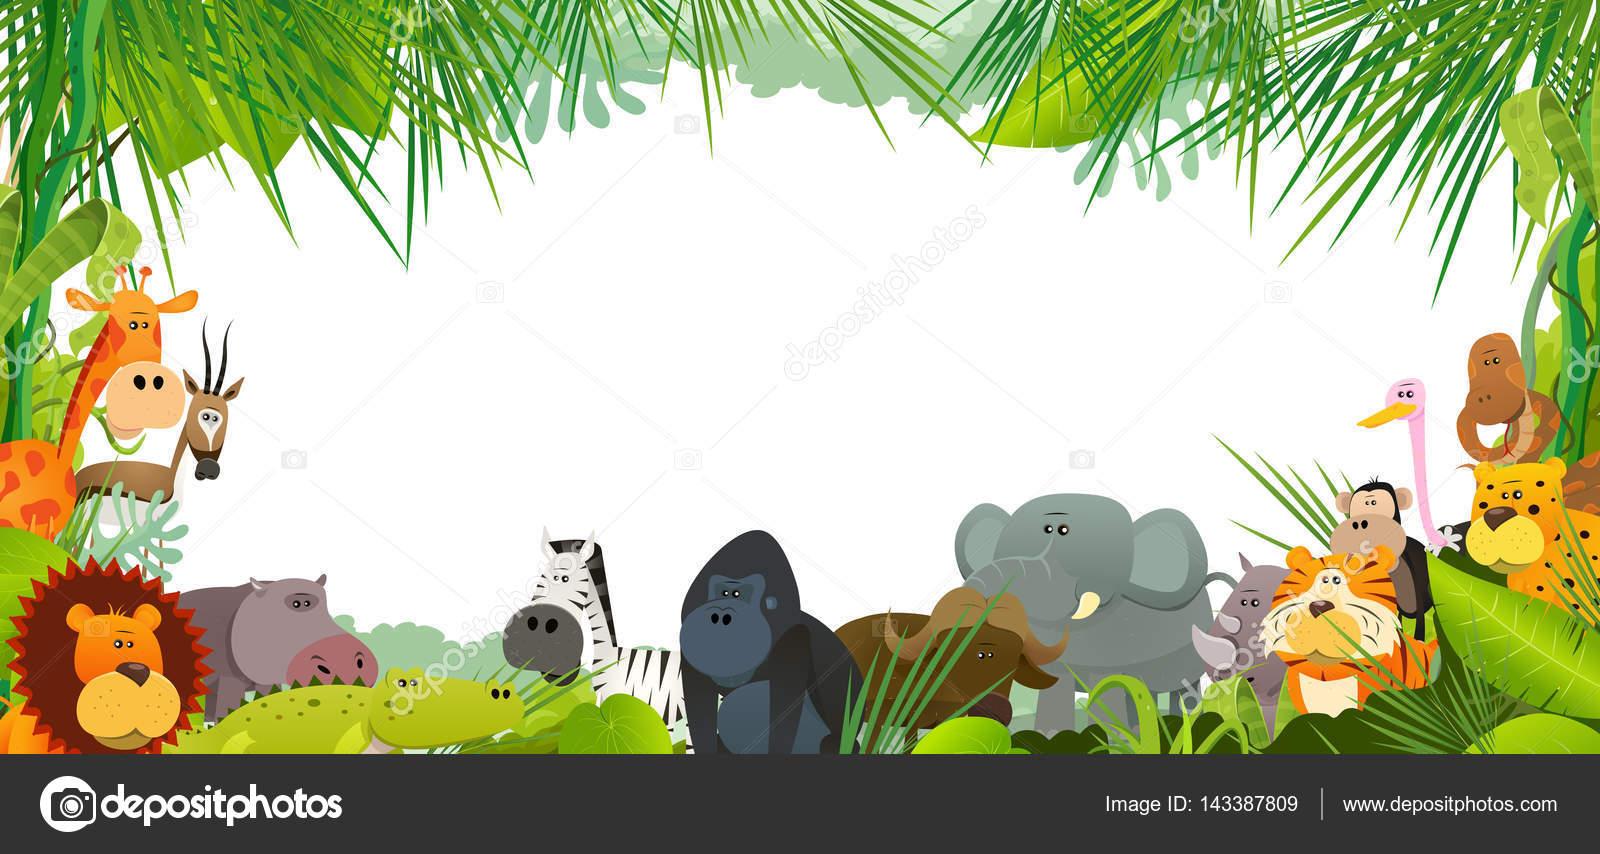 Dessin anim animaux sauvages savane africaine compris lion gorille l phant image vectorielle - La savane dessin ...